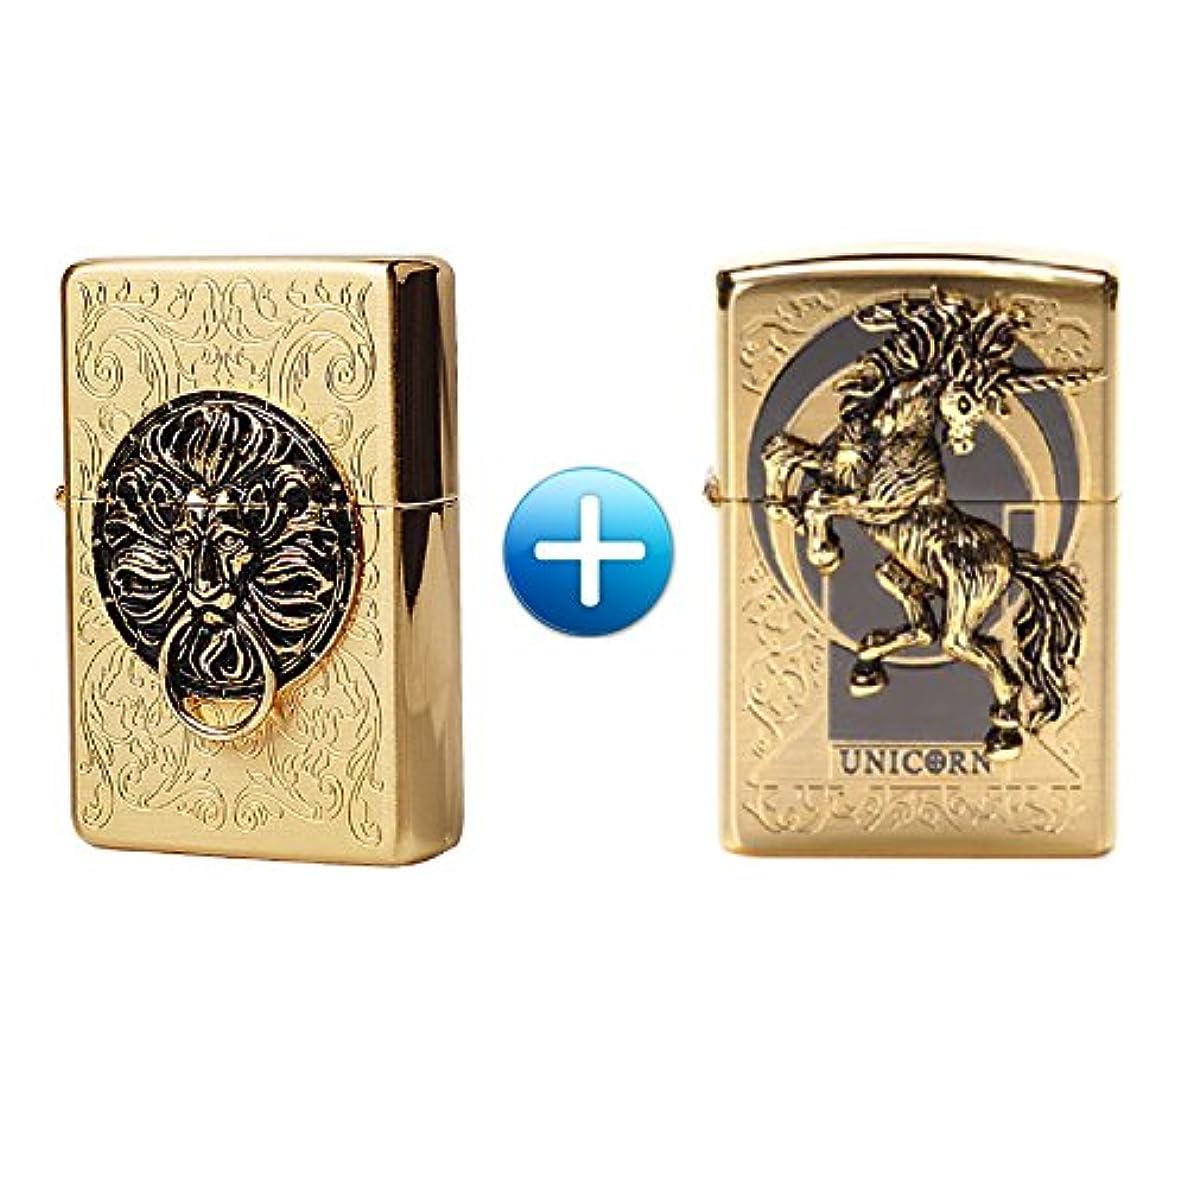 ゴミ好き切断するZippo Lion Gate Gold + Unicorn Gold 1+1 Lighters ライター / 正真正銘の本物 / オリジナルパッキング(6フリントセット x 2 フリーギフト) [並行輸入品]